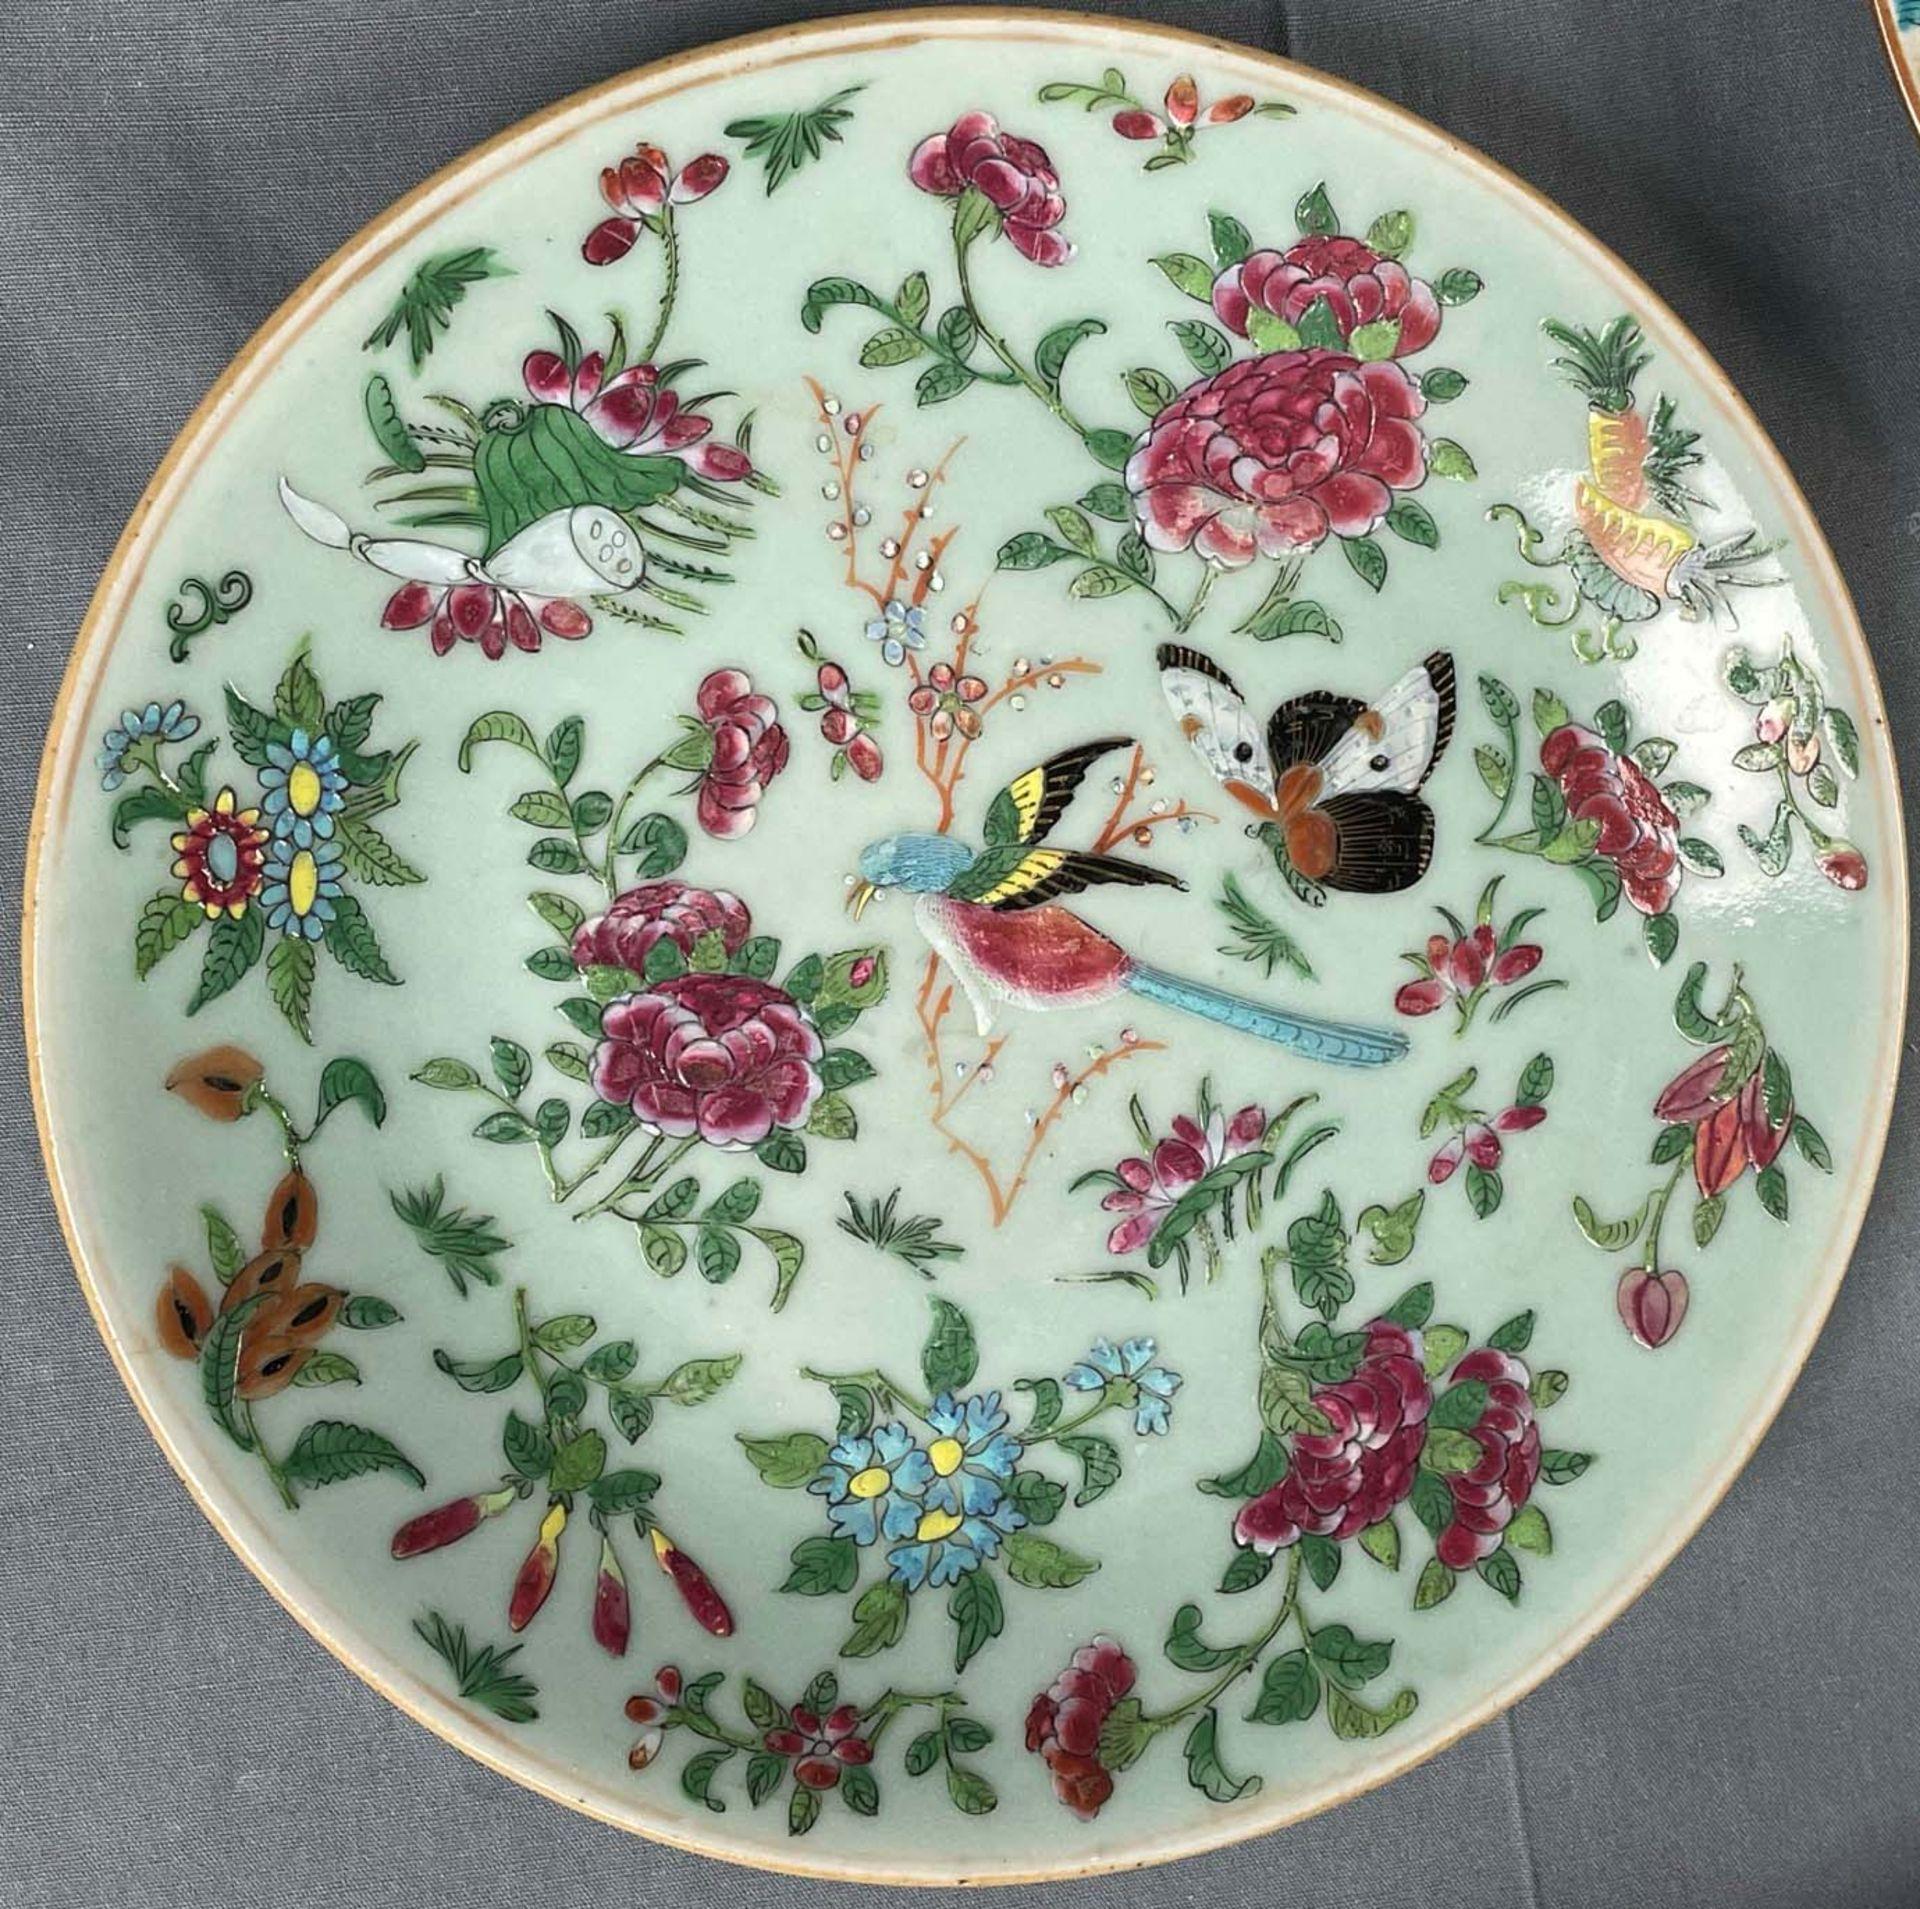 2 Platten. Porzellan. Wohl China antik. - Image 10 of 16